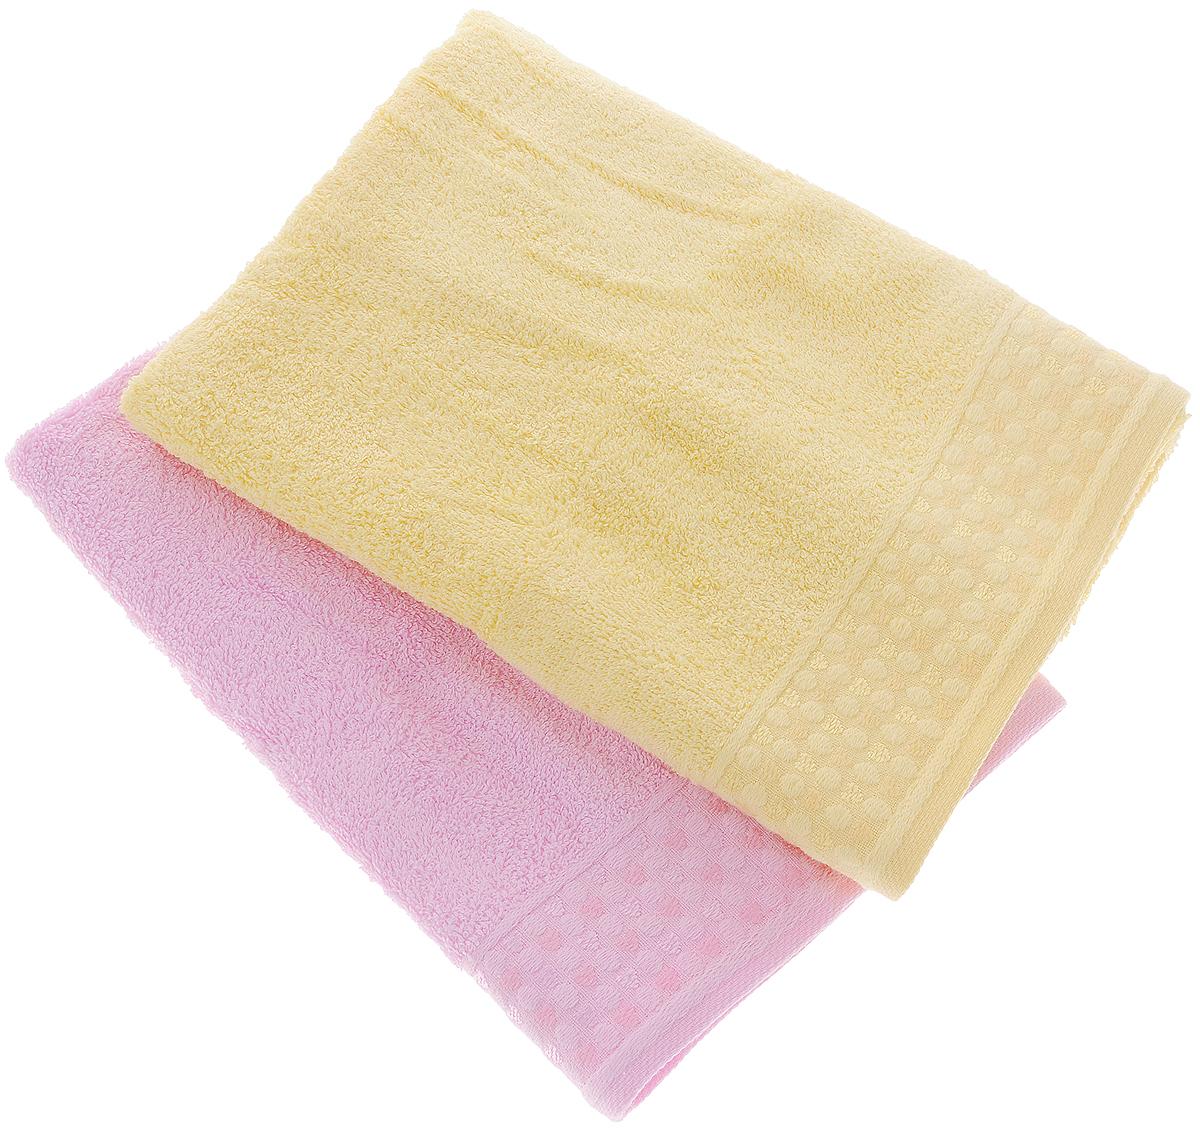 Набор полотенец Tete-a-Tete Сердечки, цвет: розовый, желтый, 50 х 90 см, 2 шт391602Набор Tete-a-Tete Сердечки состоит из двух махровых полотенец, выполненных из натурального 100% хлопка. Бордюр полотенец декорирован рисунком сердечек. Изделия мягкие, отлично впитывают влагу, быстро сохнут, сохраняют яркость цвета и не теряют форму даже после многократных стирок. Полотенца Tete-a-Tete Сердечки очень практичны и неприхотливы в уходе. Они легко впишутся в любой интерьер благодаря своей нежной цветовой гамме. Набор упакован в красивую коробку и может послужить отличной идеей для подарка.Размер полотенец: 50 х 90 см.